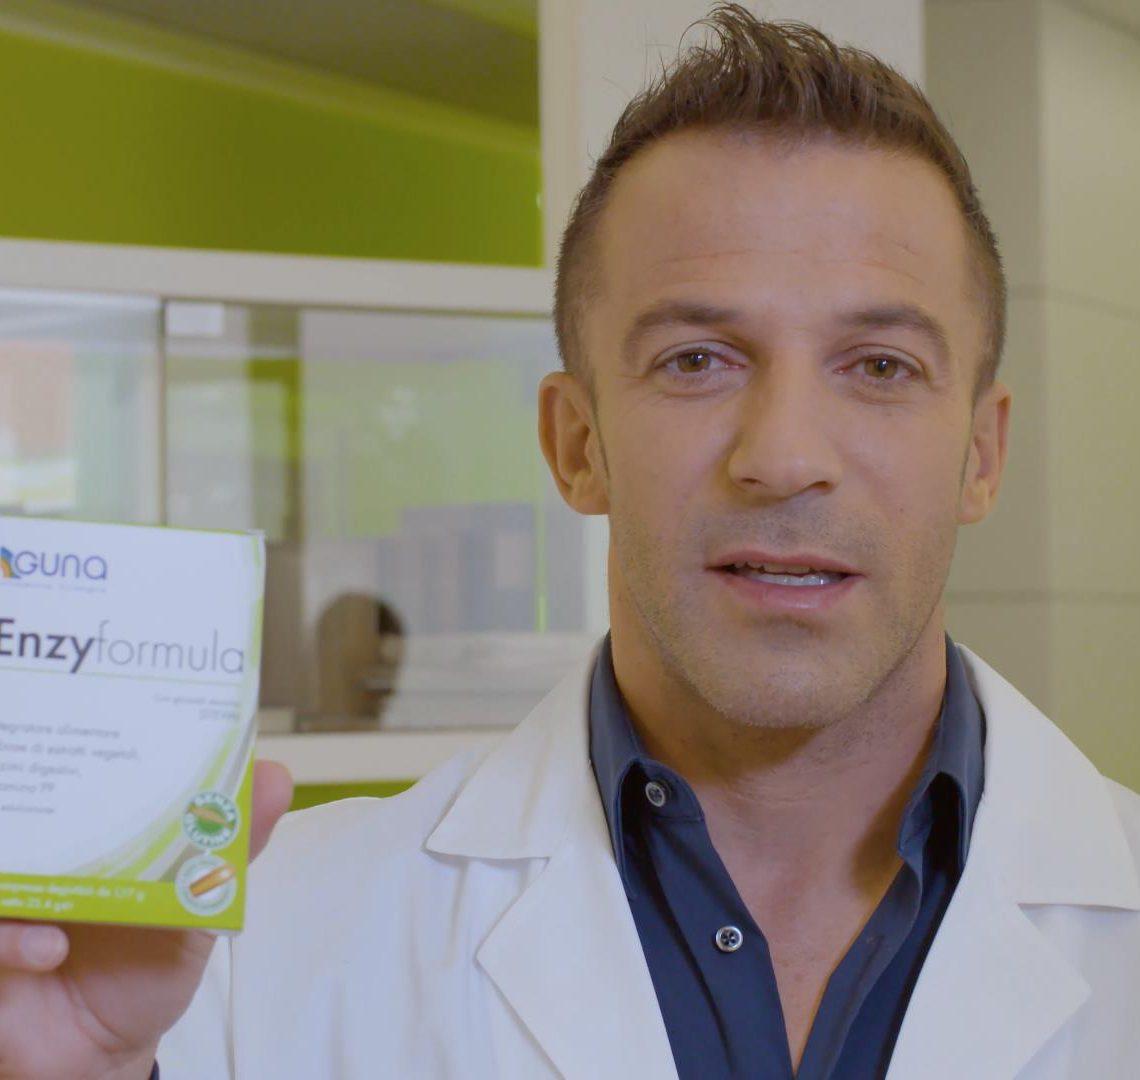 Alex Del Piero sceglie il Guna Lifestyle